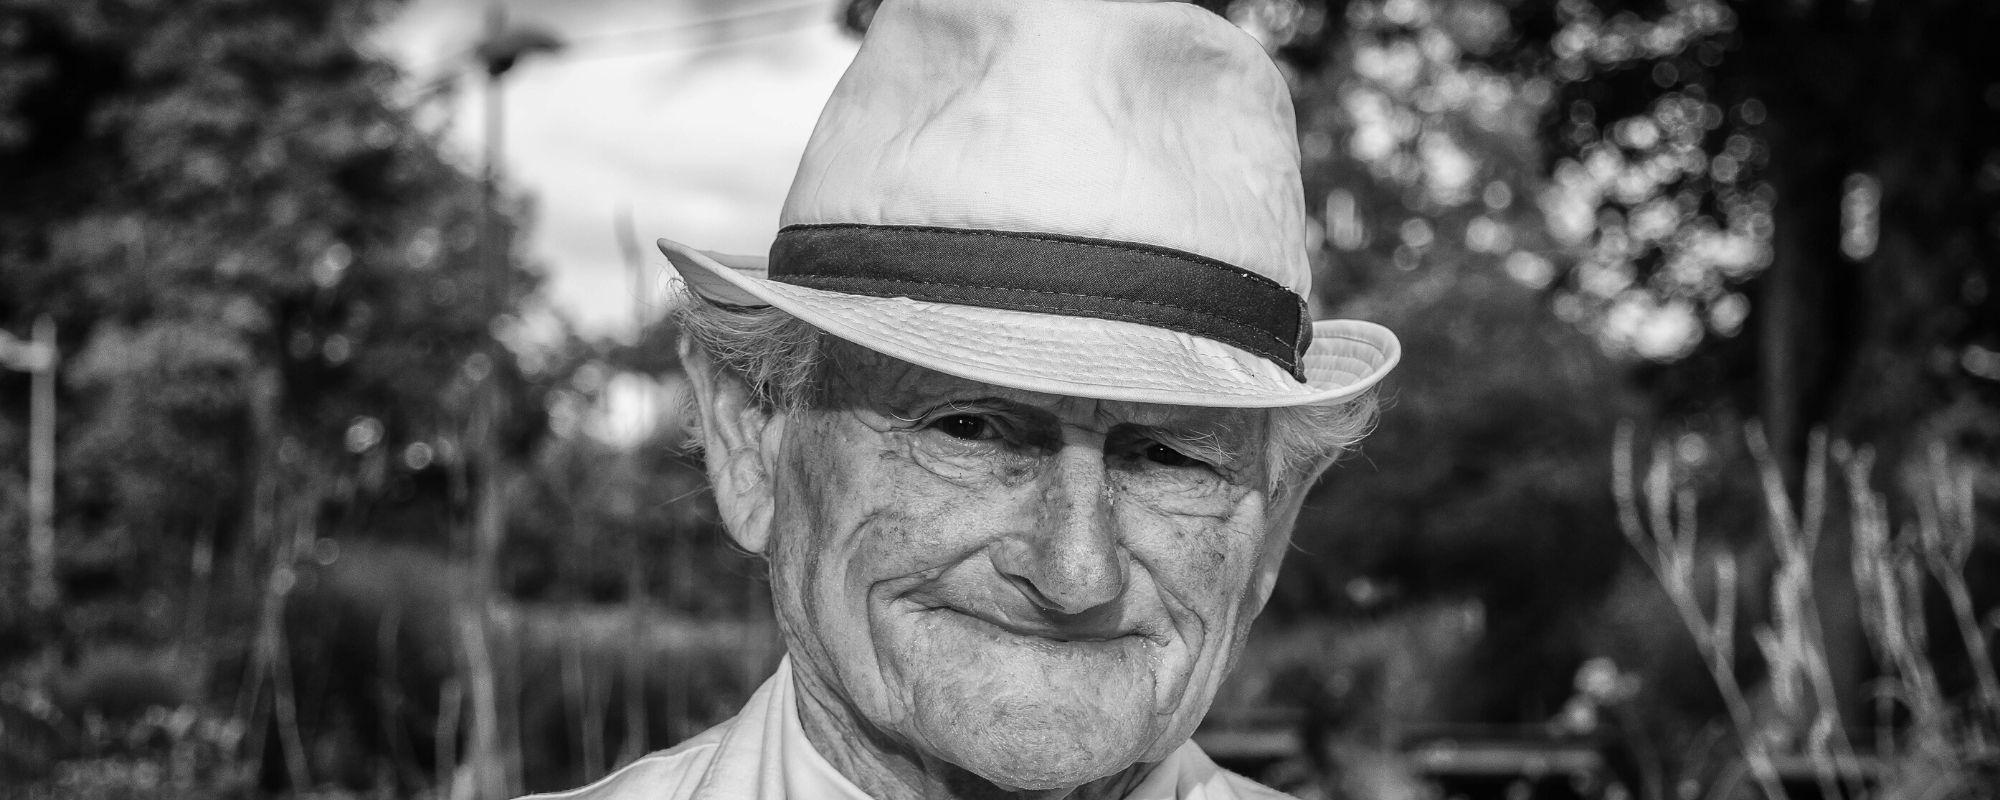 60代おっさんが直面した新型コロナ社会の生活のノウハウを紹介します。